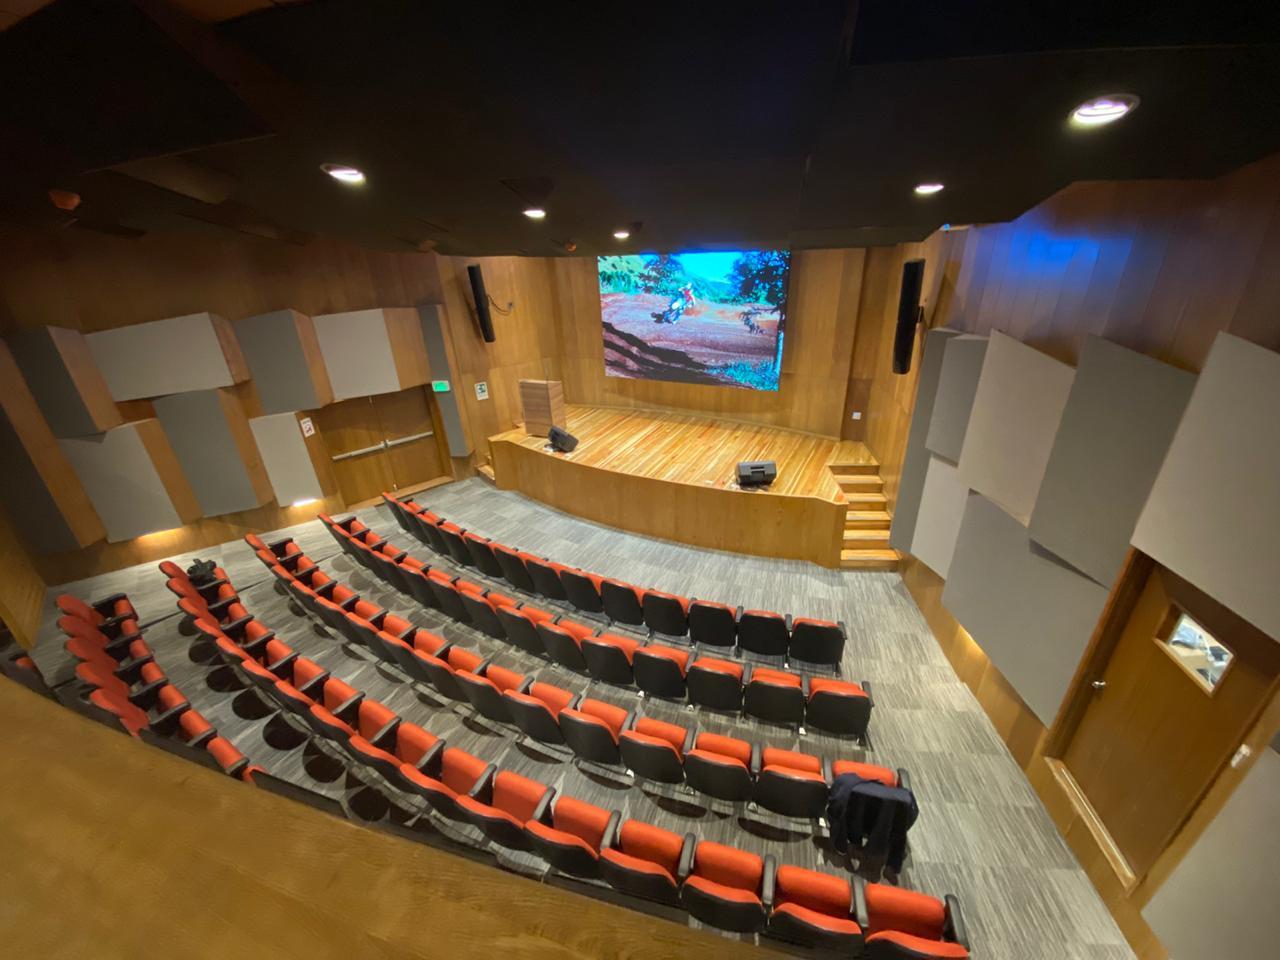 Proyectos de audio iluminación redes video diseño e integración tecnológica